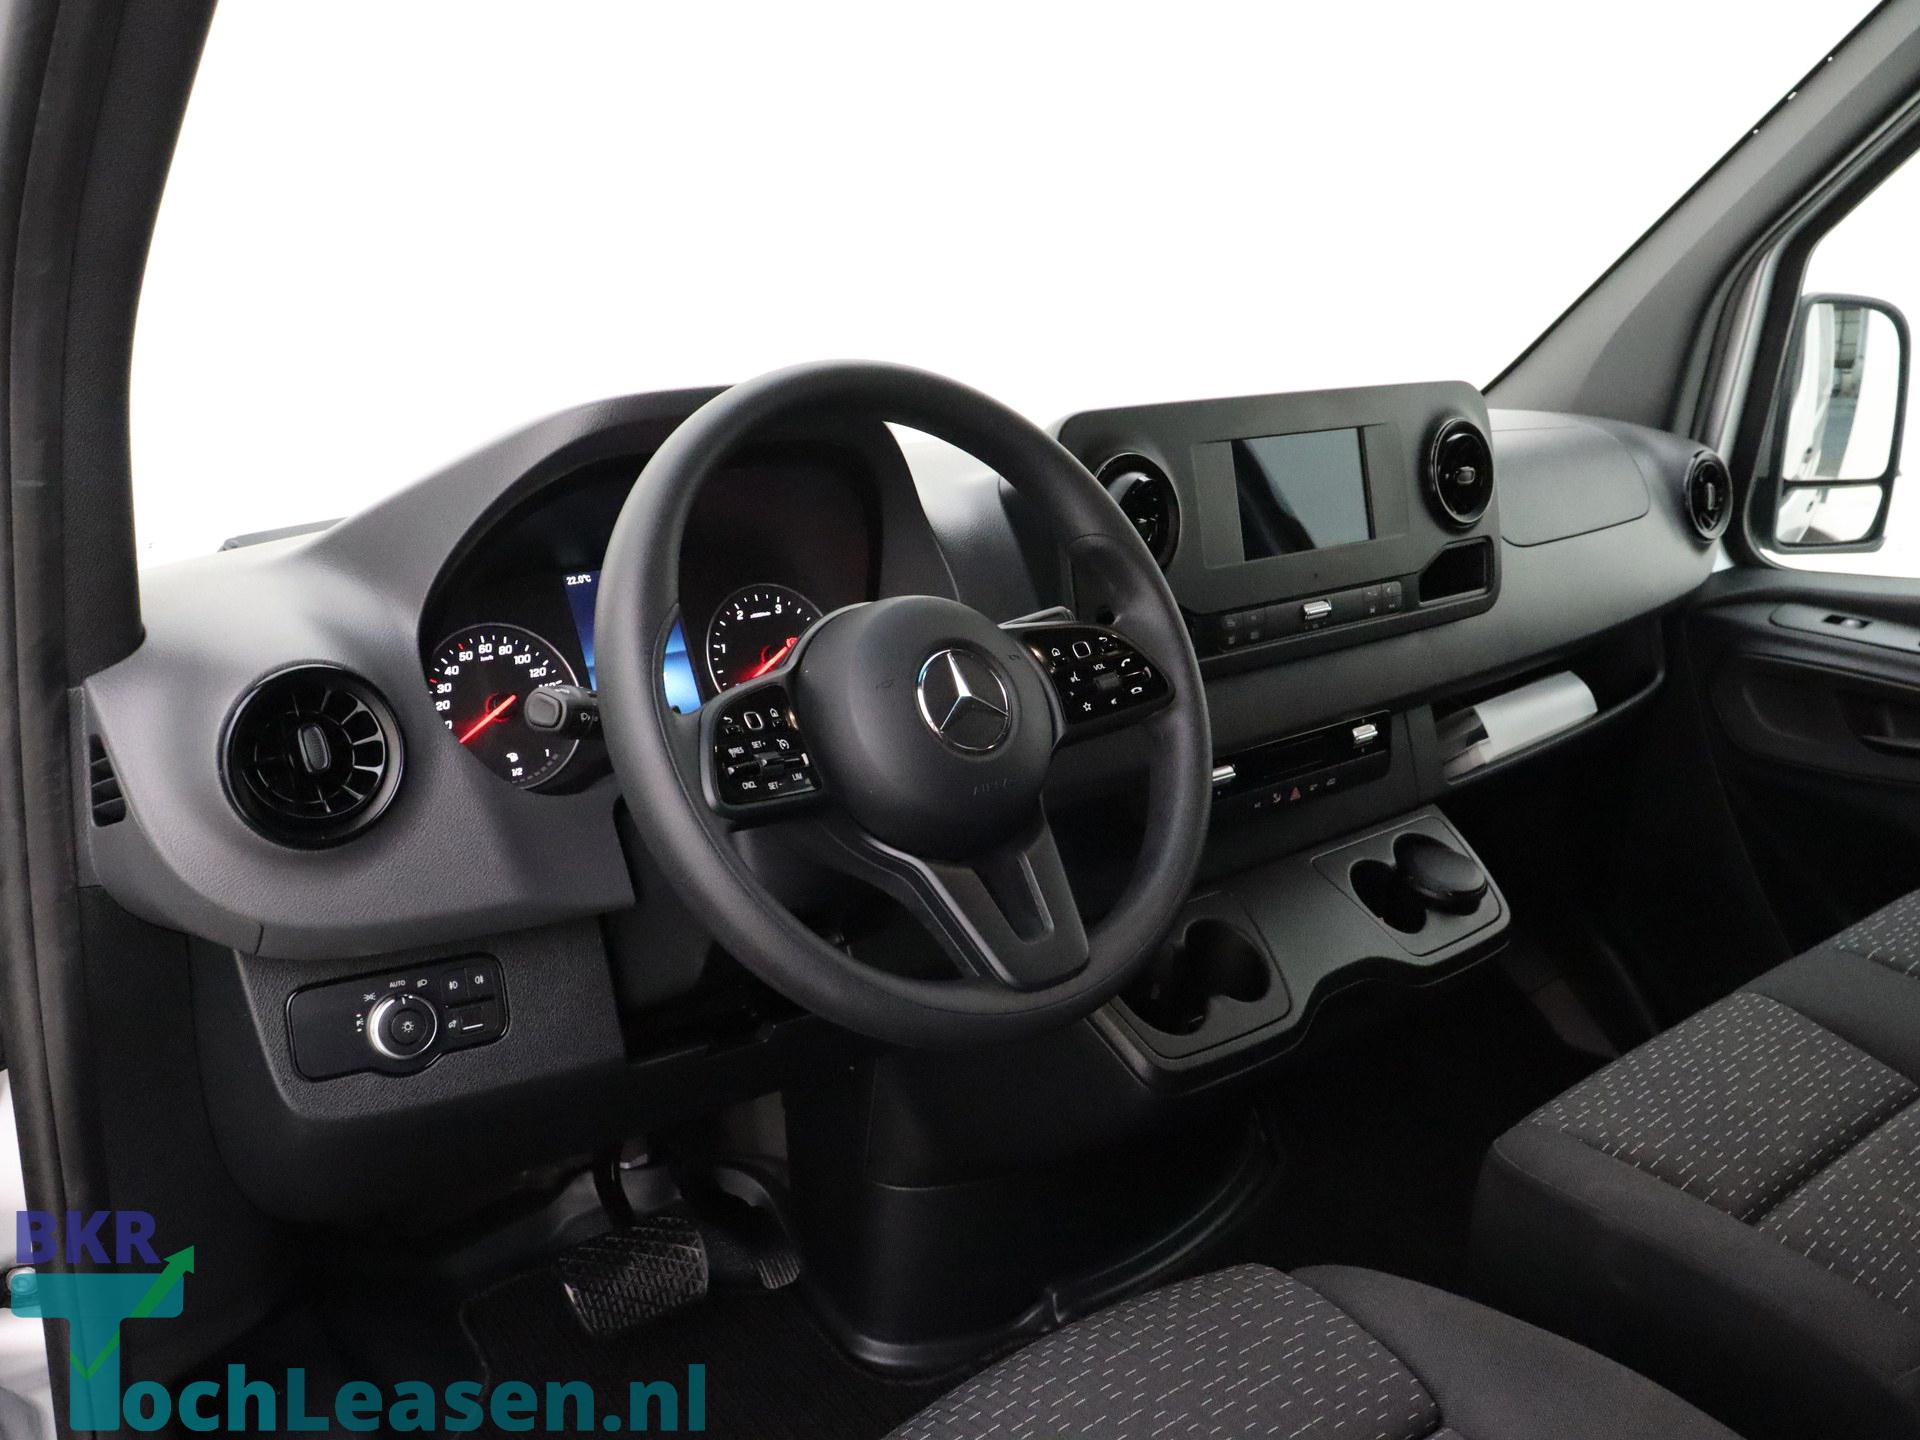 BKR toch leasen - Mercedes-Benz Sprinter - Zilver 4